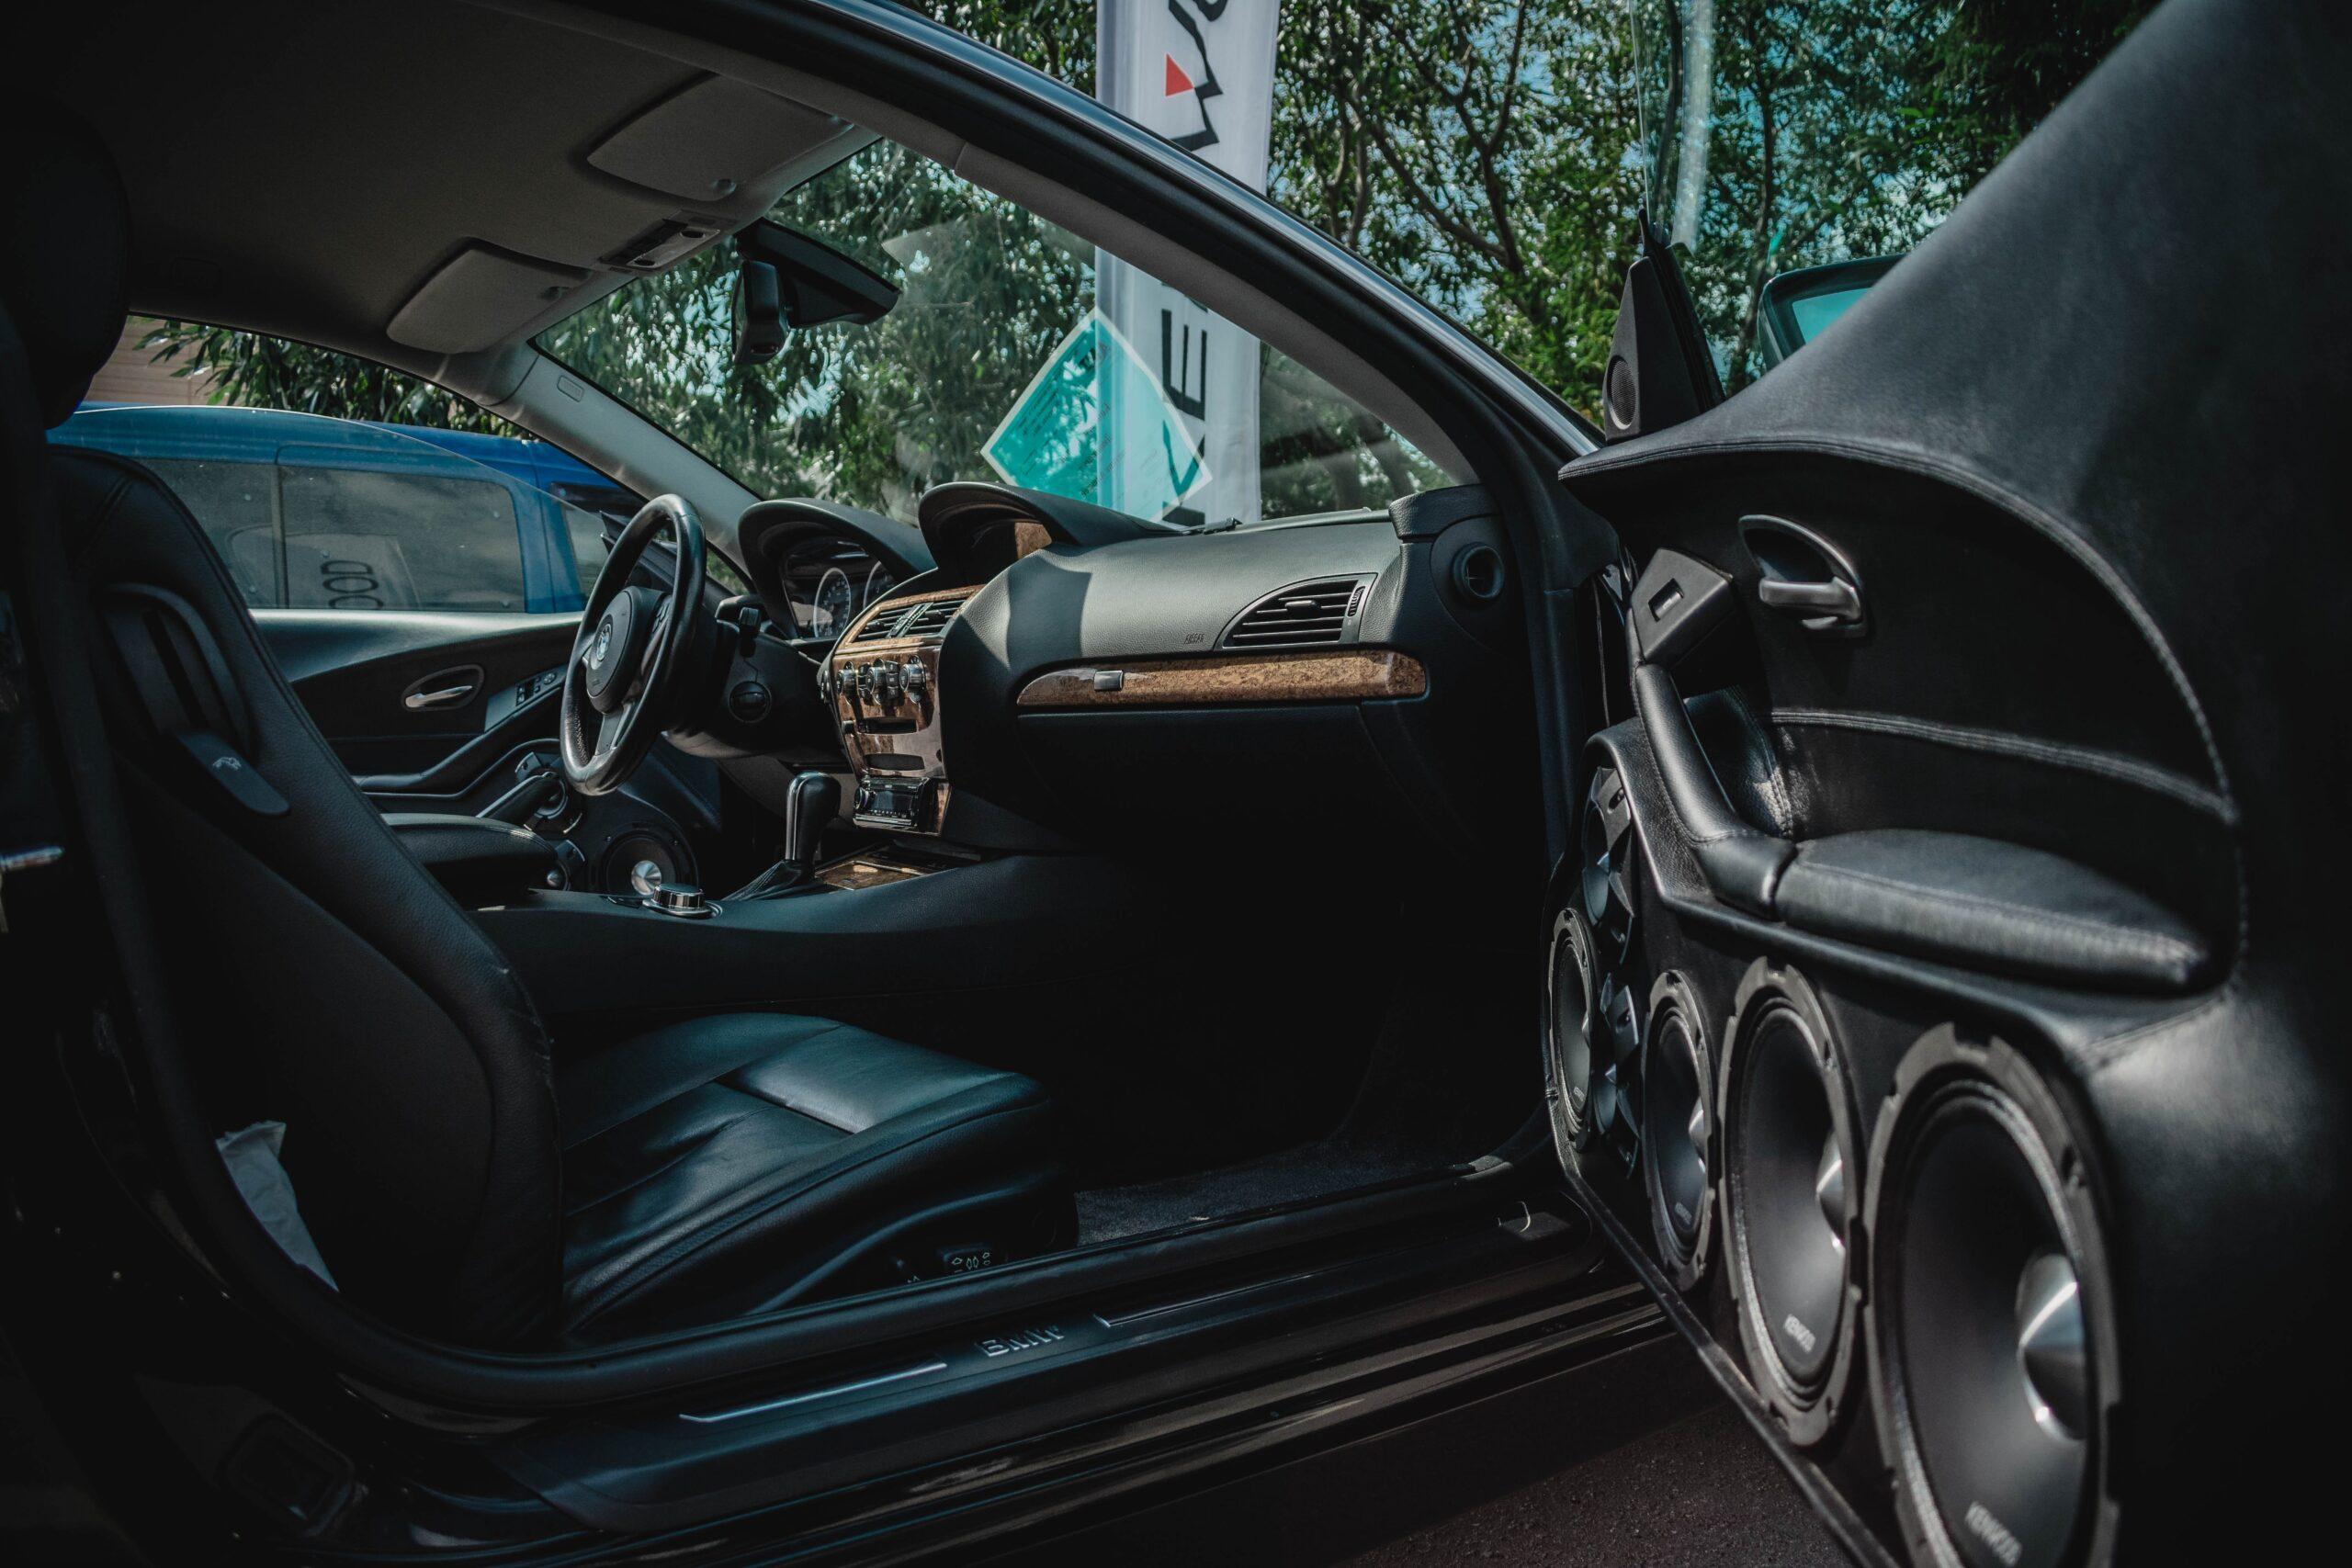 Car Subwoofer